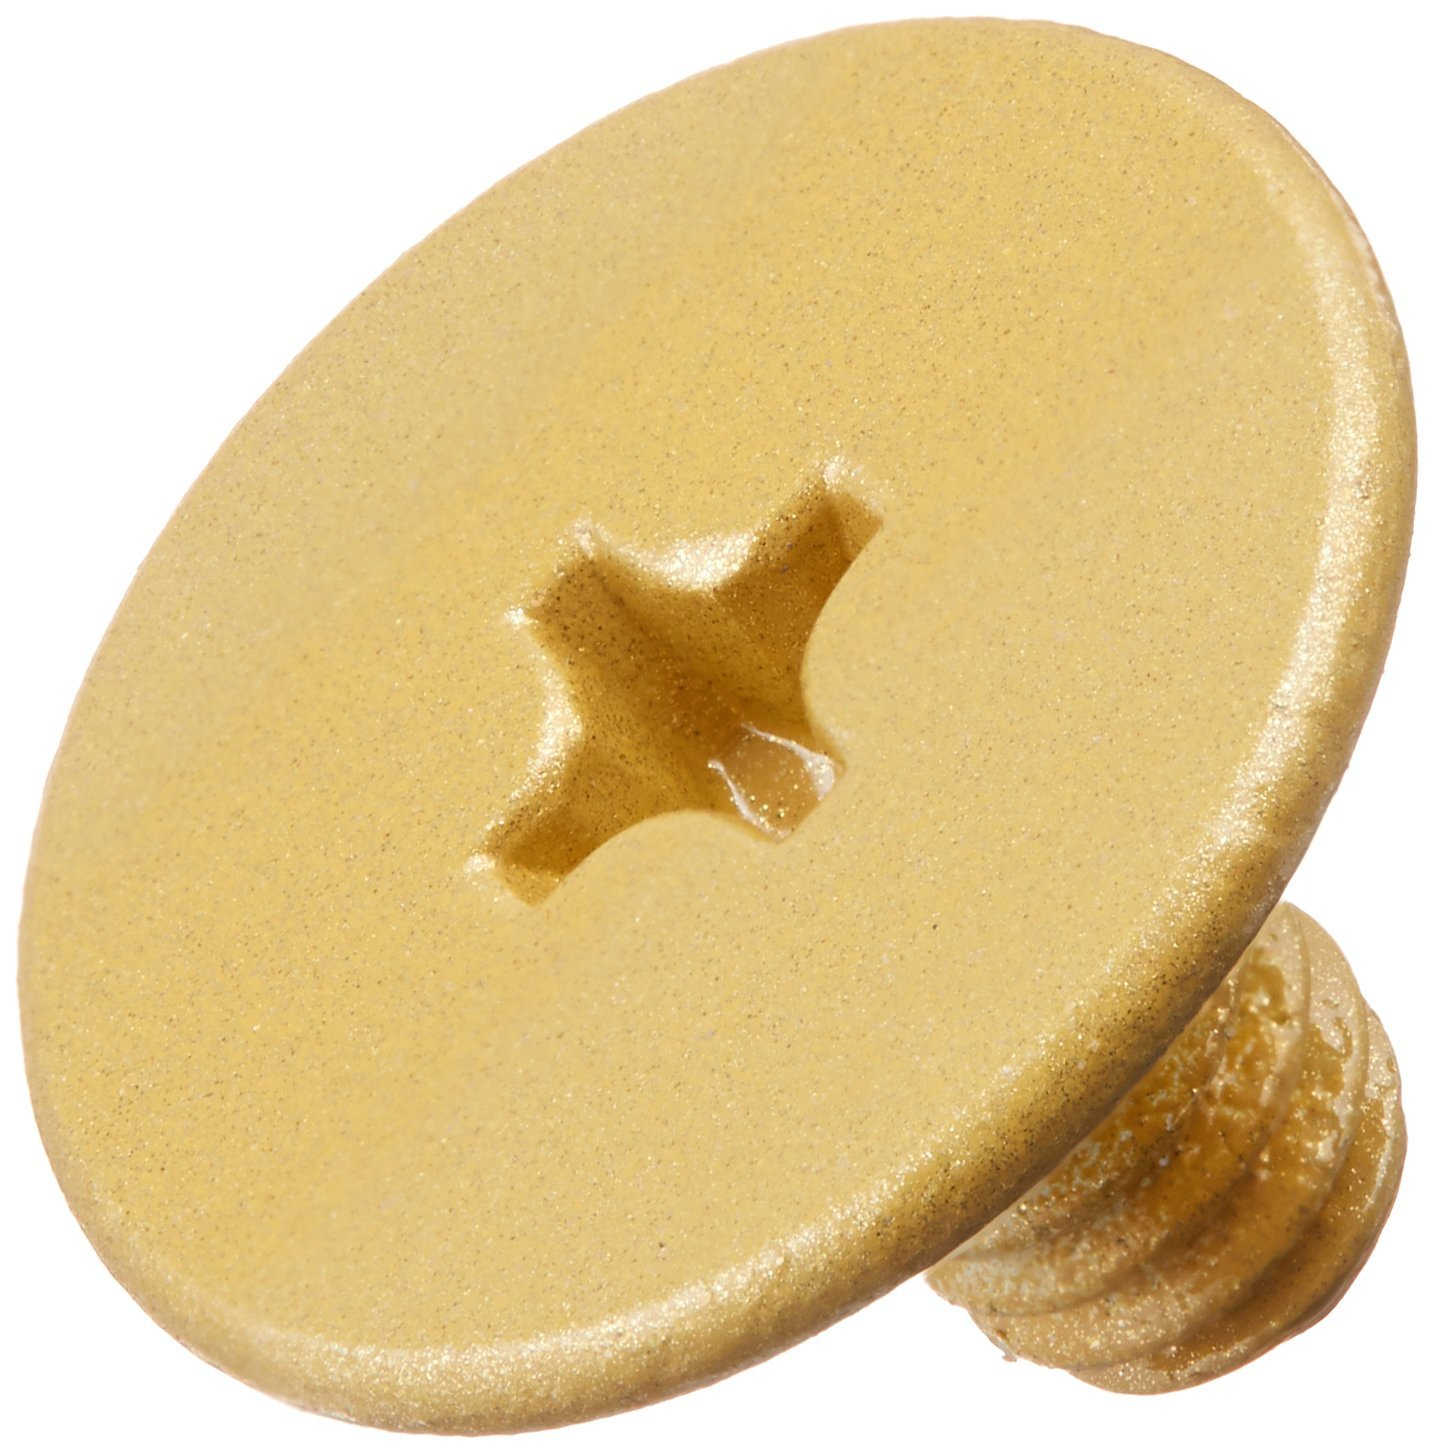 LCN 4040SE159SB 4040SE-159 696 Sprayed Brass Arm Screw Top Notch Distributors